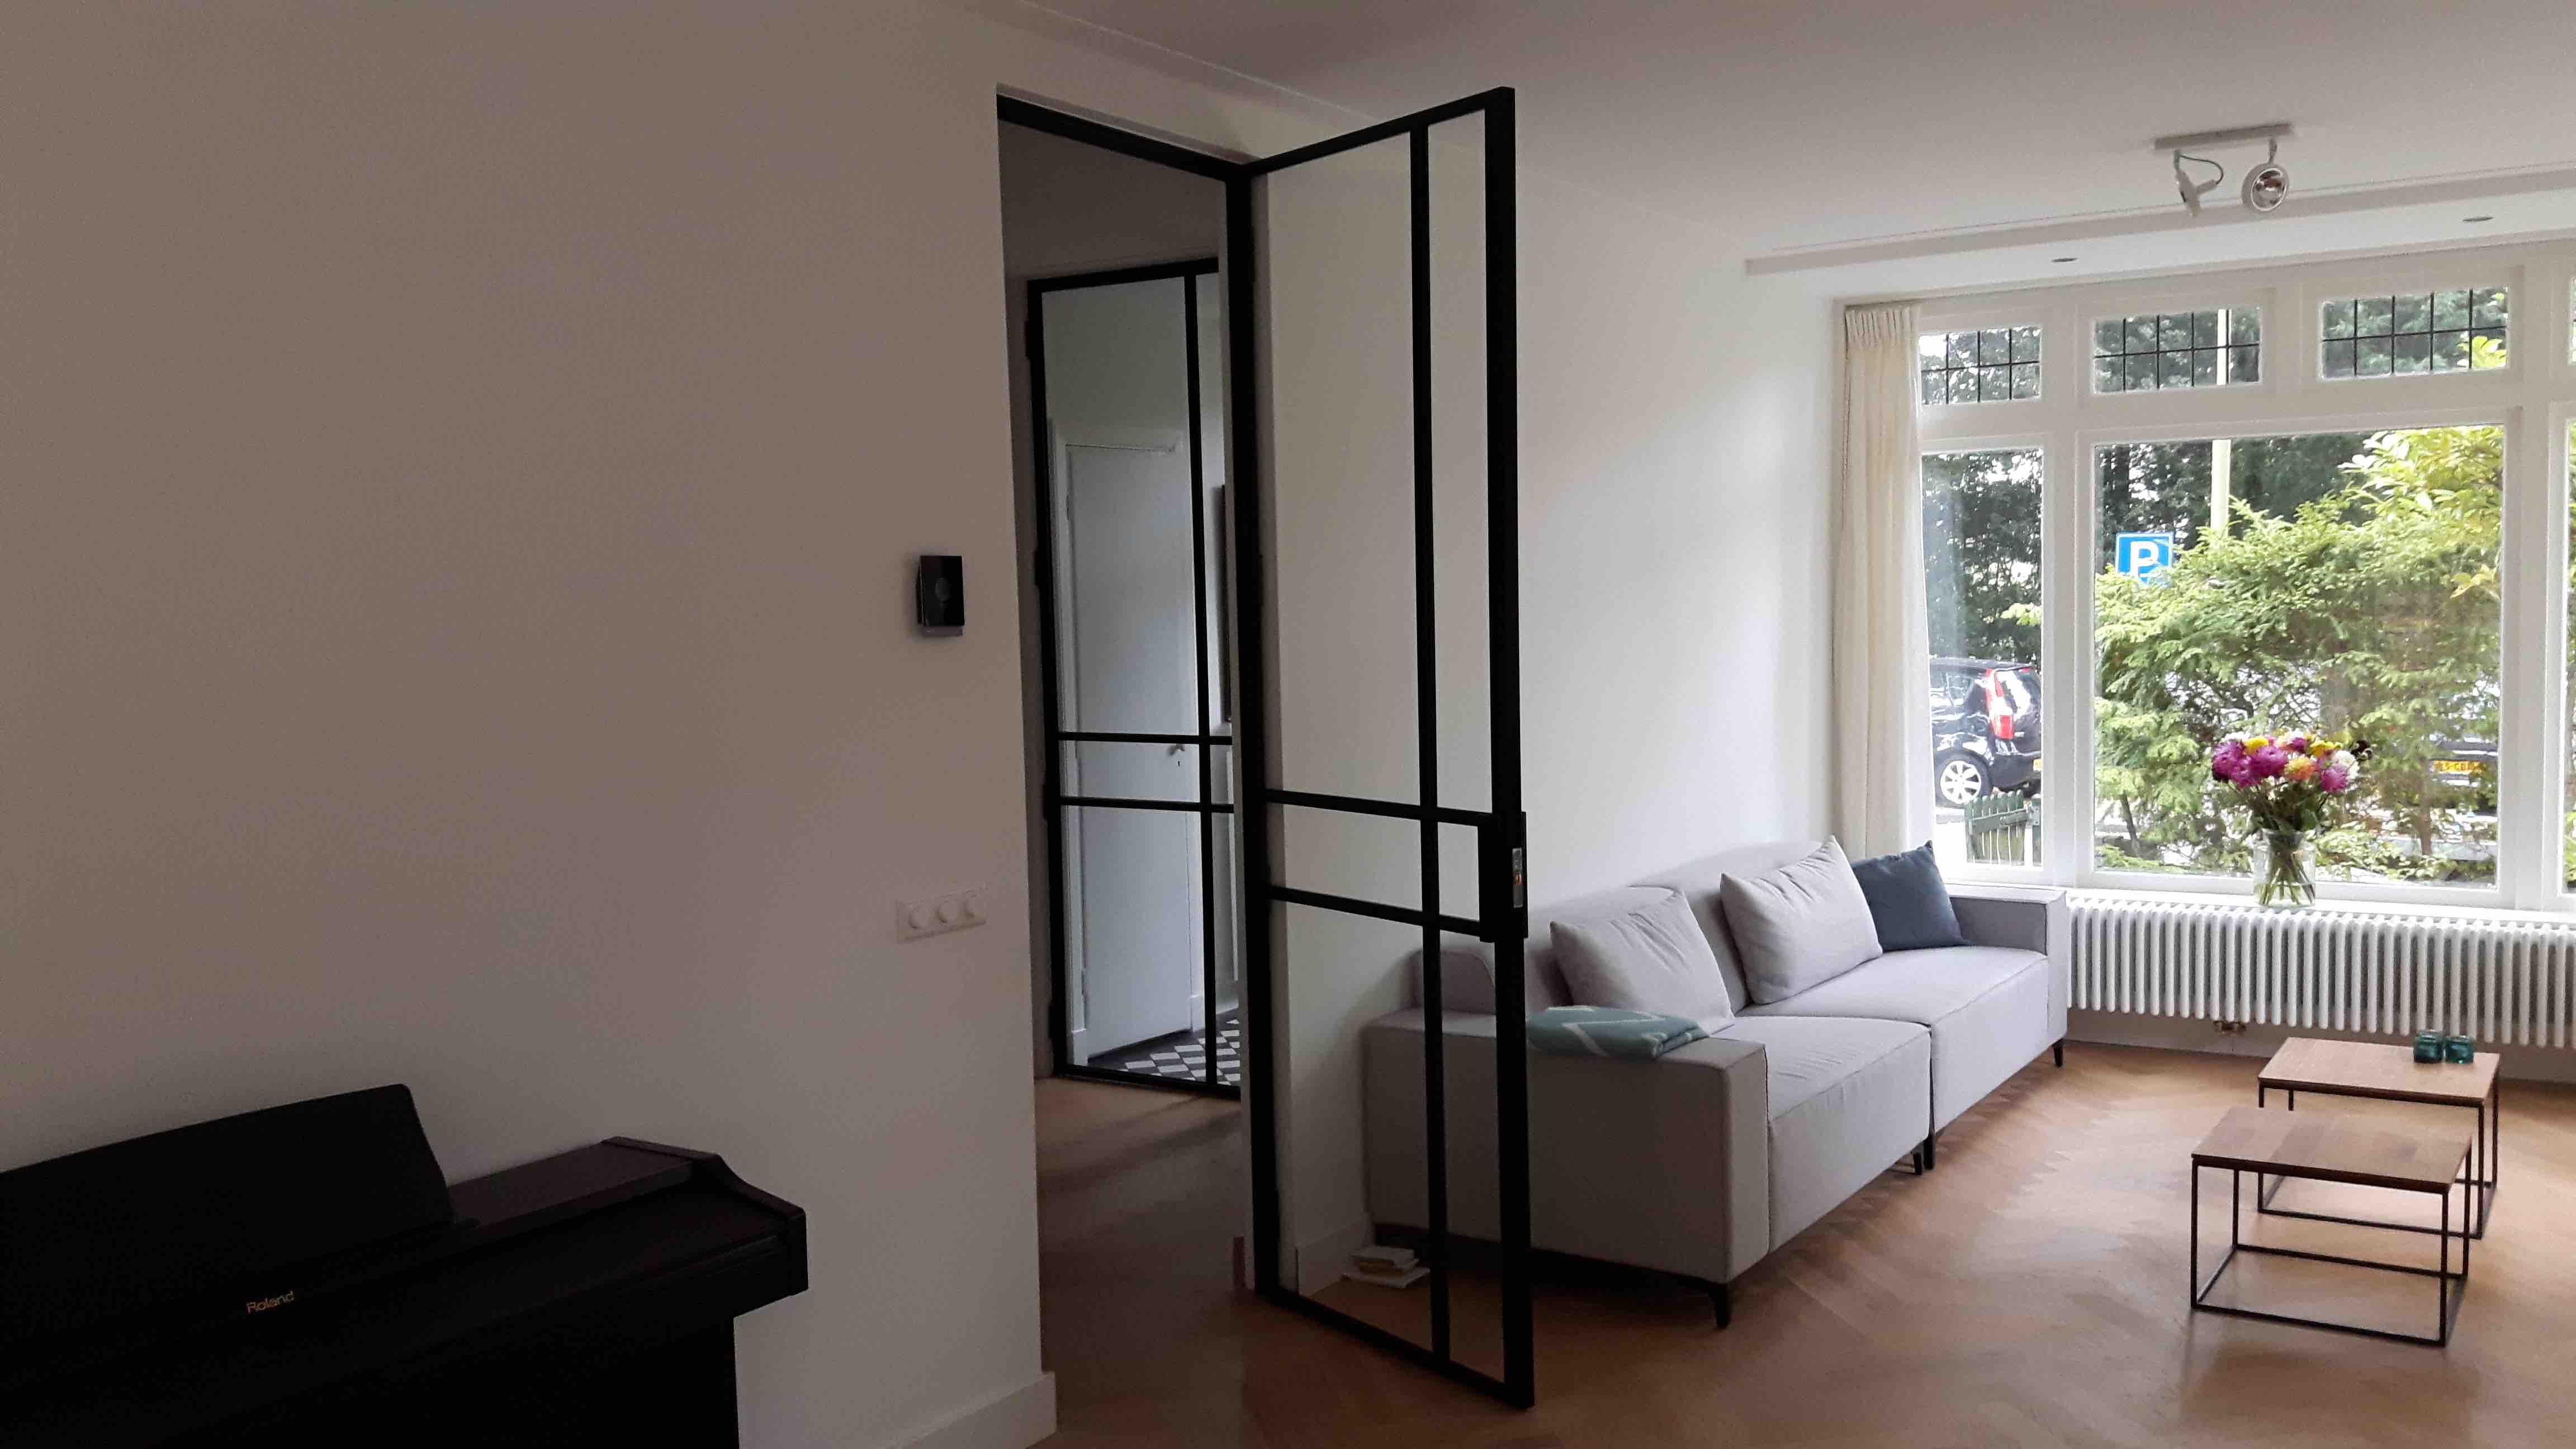 Scharnierdeur met een ongelijke 6 vlakken verdeling - Santpoort - Mijn Stalen Deur